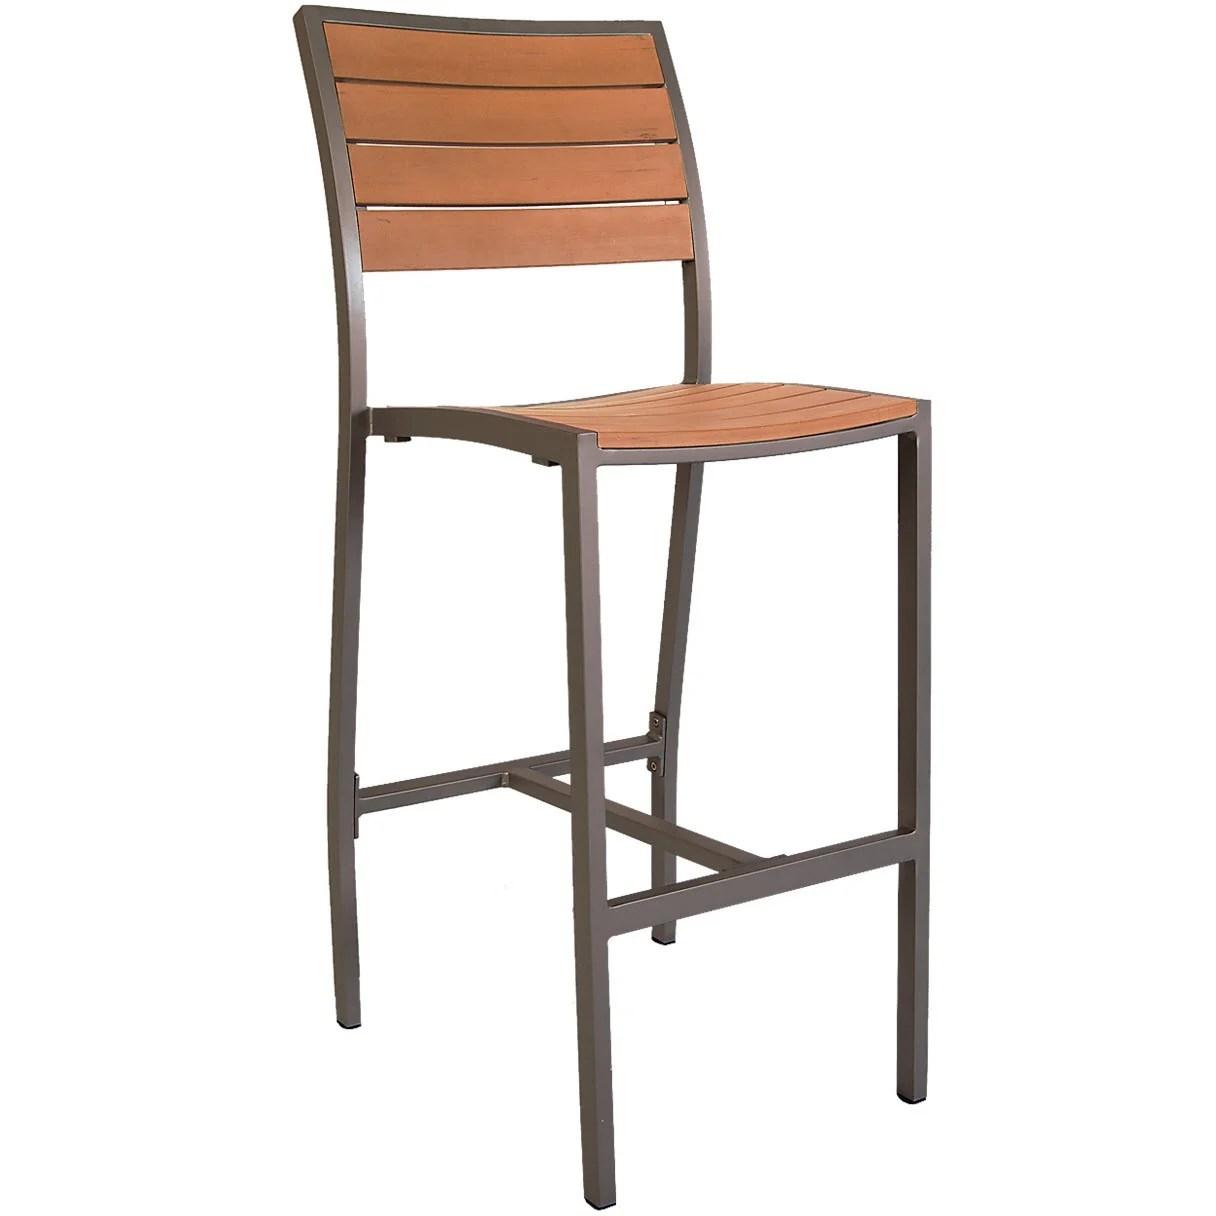 aluminum rust colored patio bar stool with plastic teak